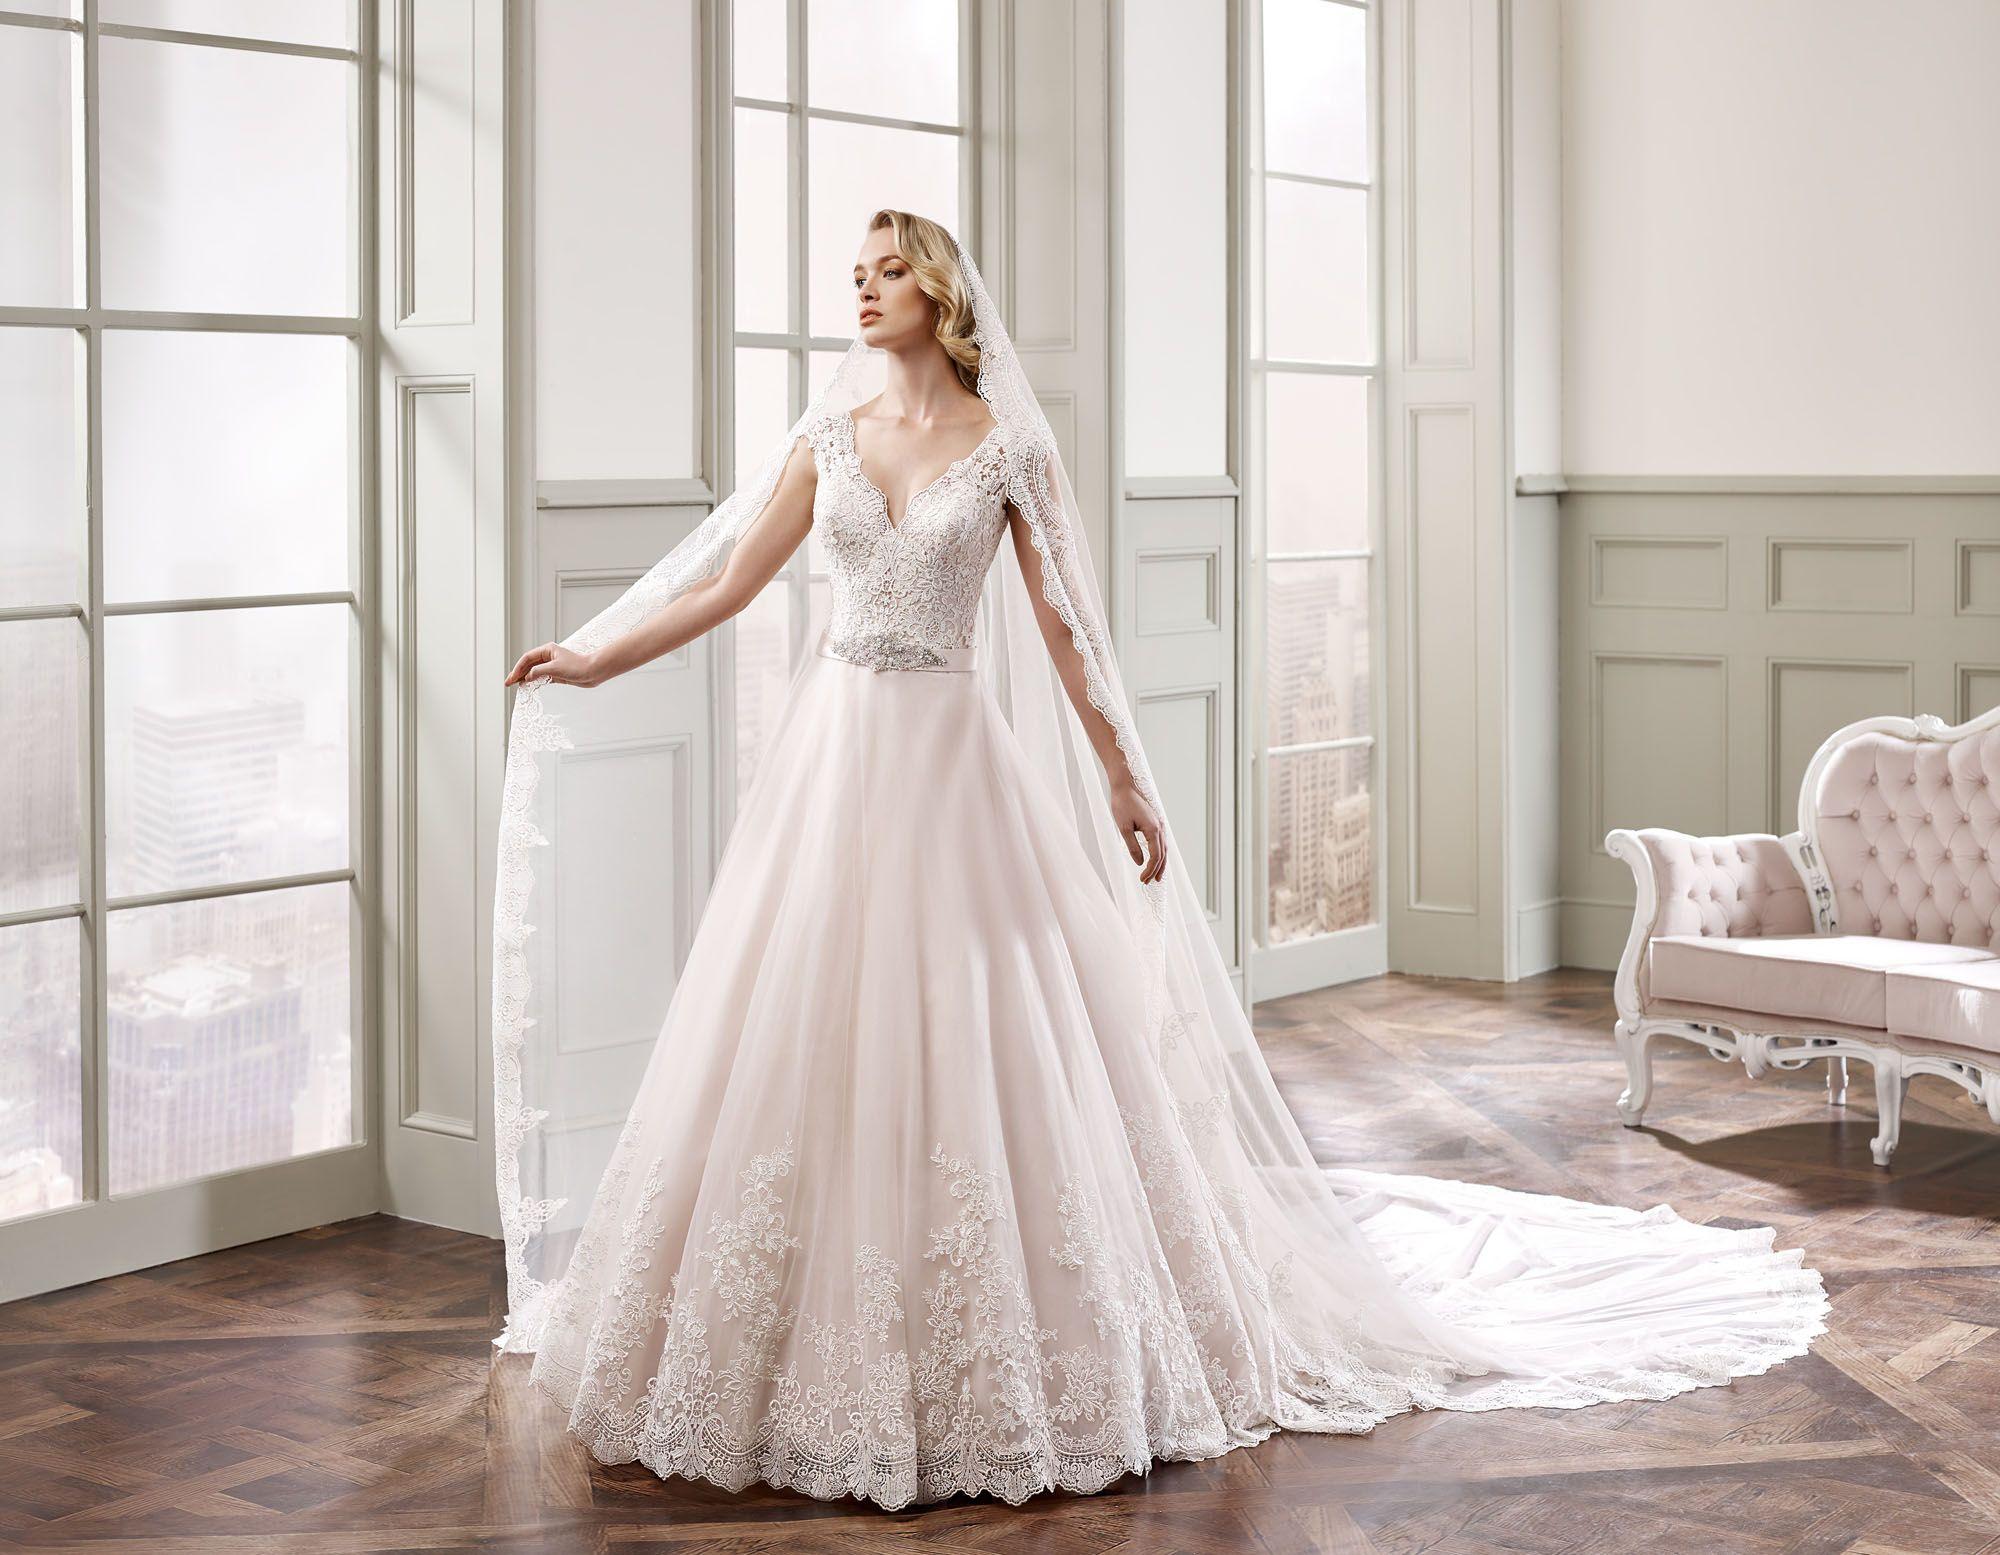 Brautkleider aus der Kollektion für 2016 von Eddy K - bei uns erhältlich